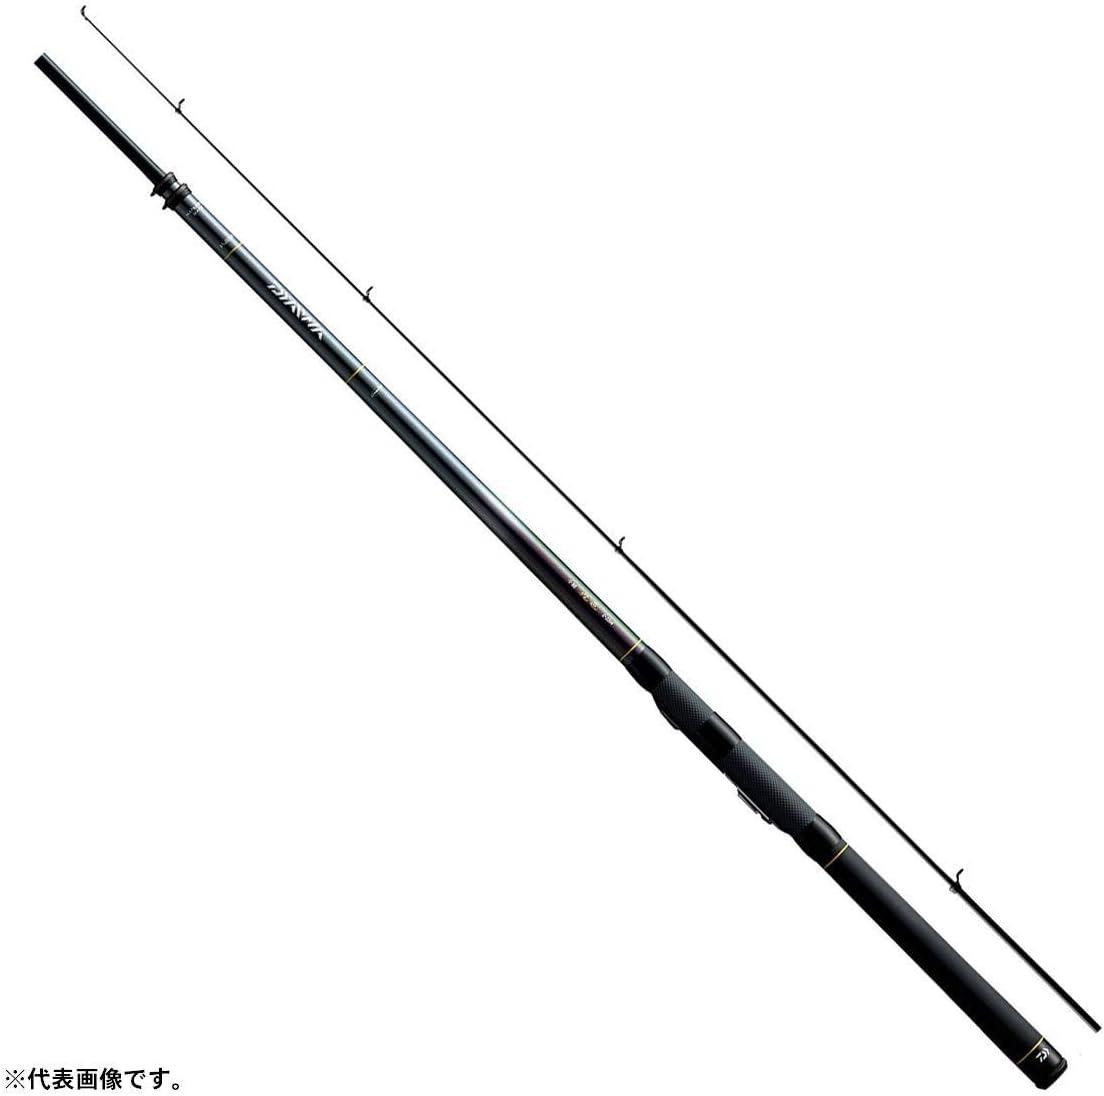 ダイワ(Daiwa) 磯竿 スピニング 小継 飛竜 2号-36M 釣り竿